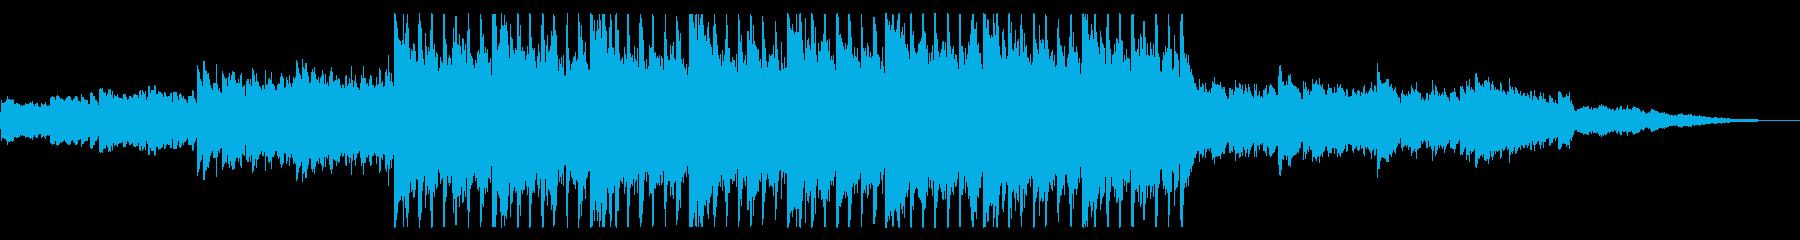 雄大で前向きさ感じるオーケストラサウンドの再生済みの波形